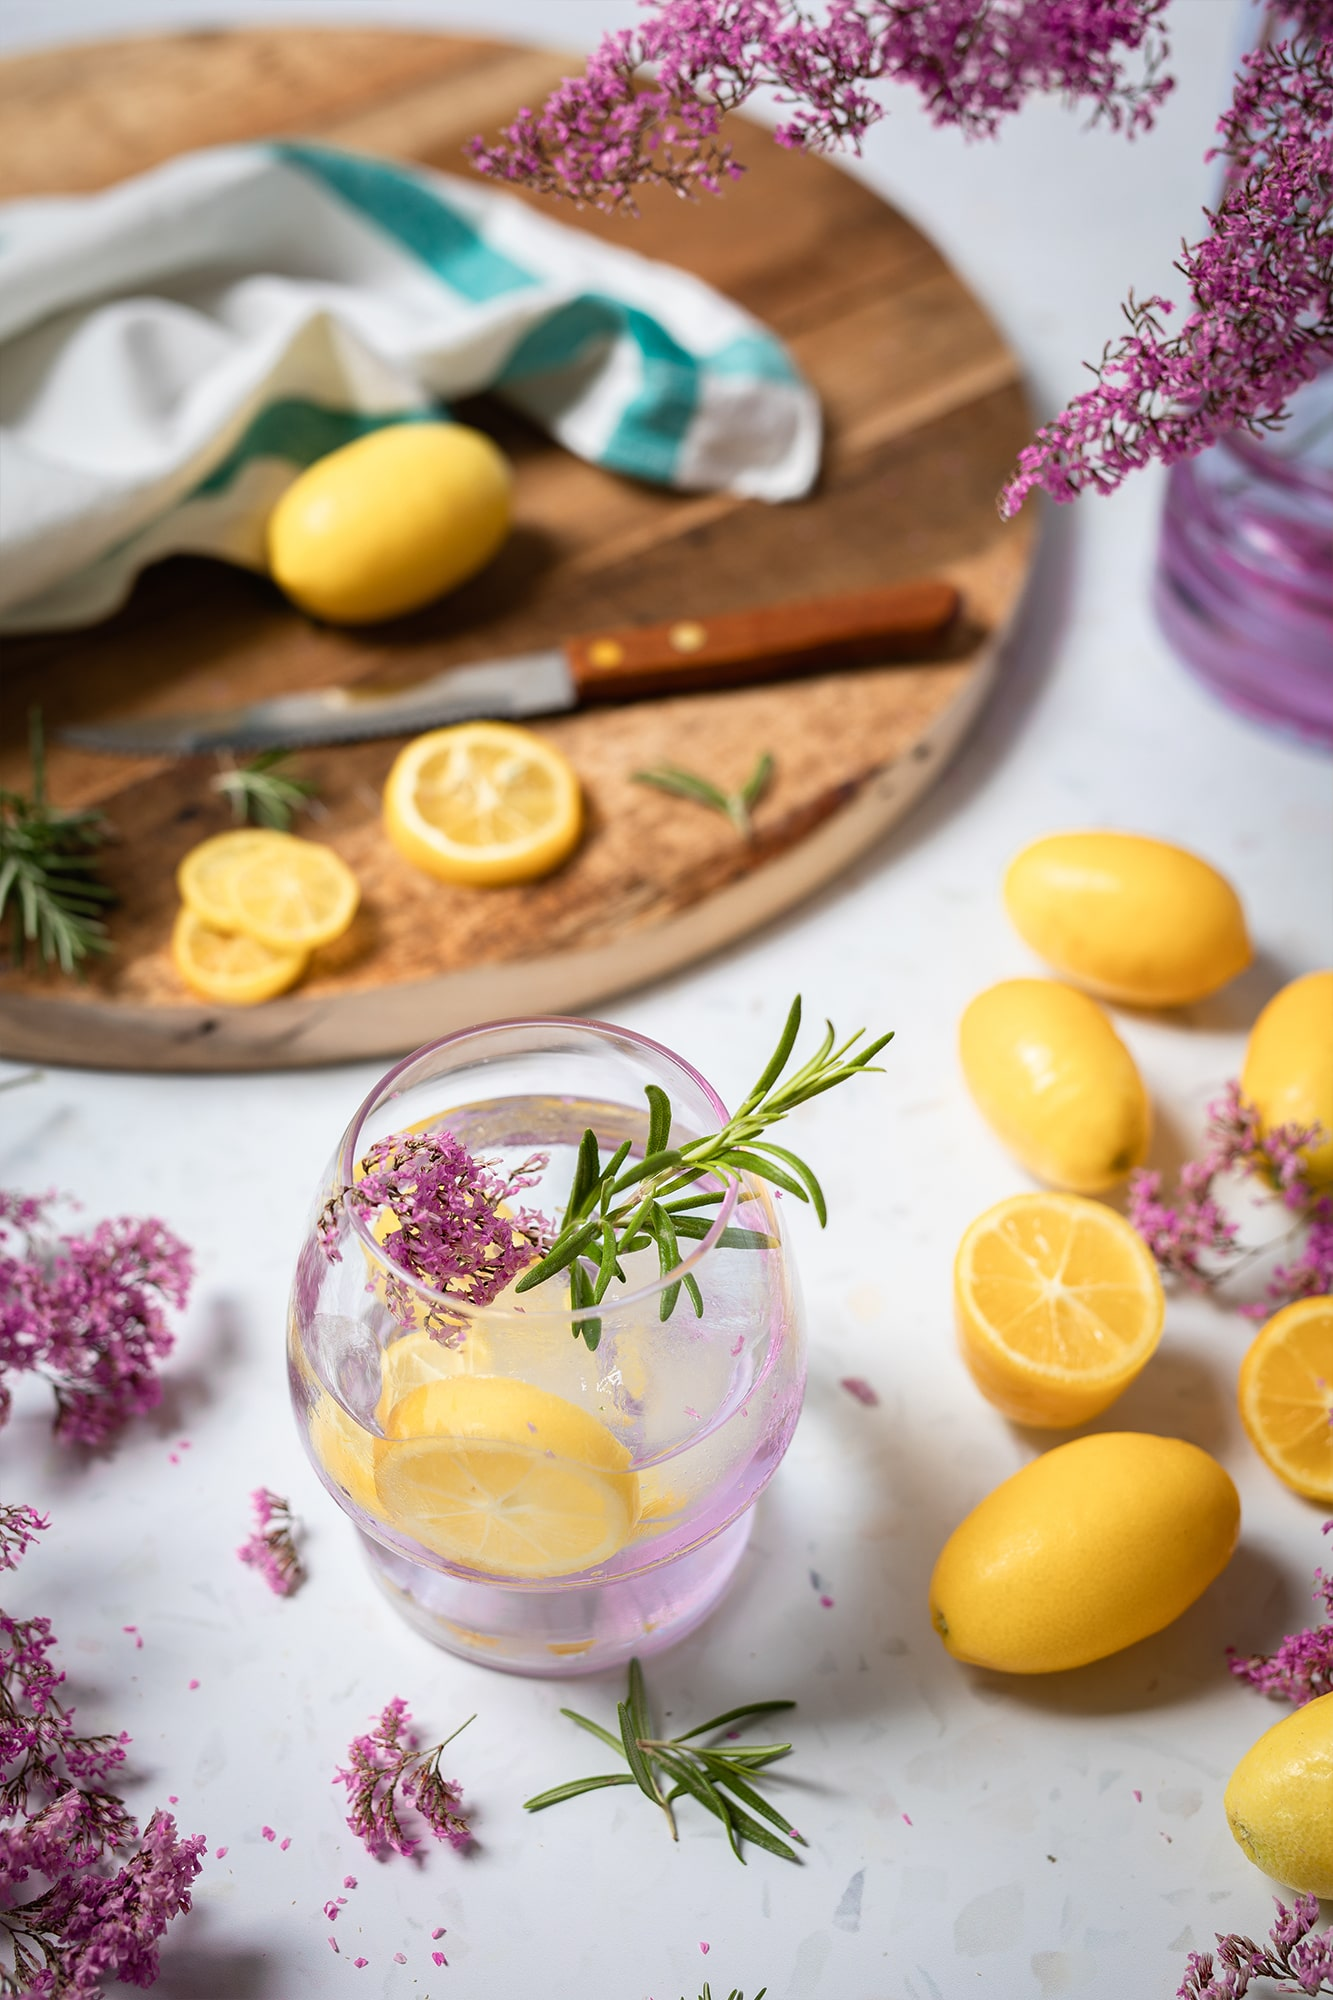 limonada casera limequat